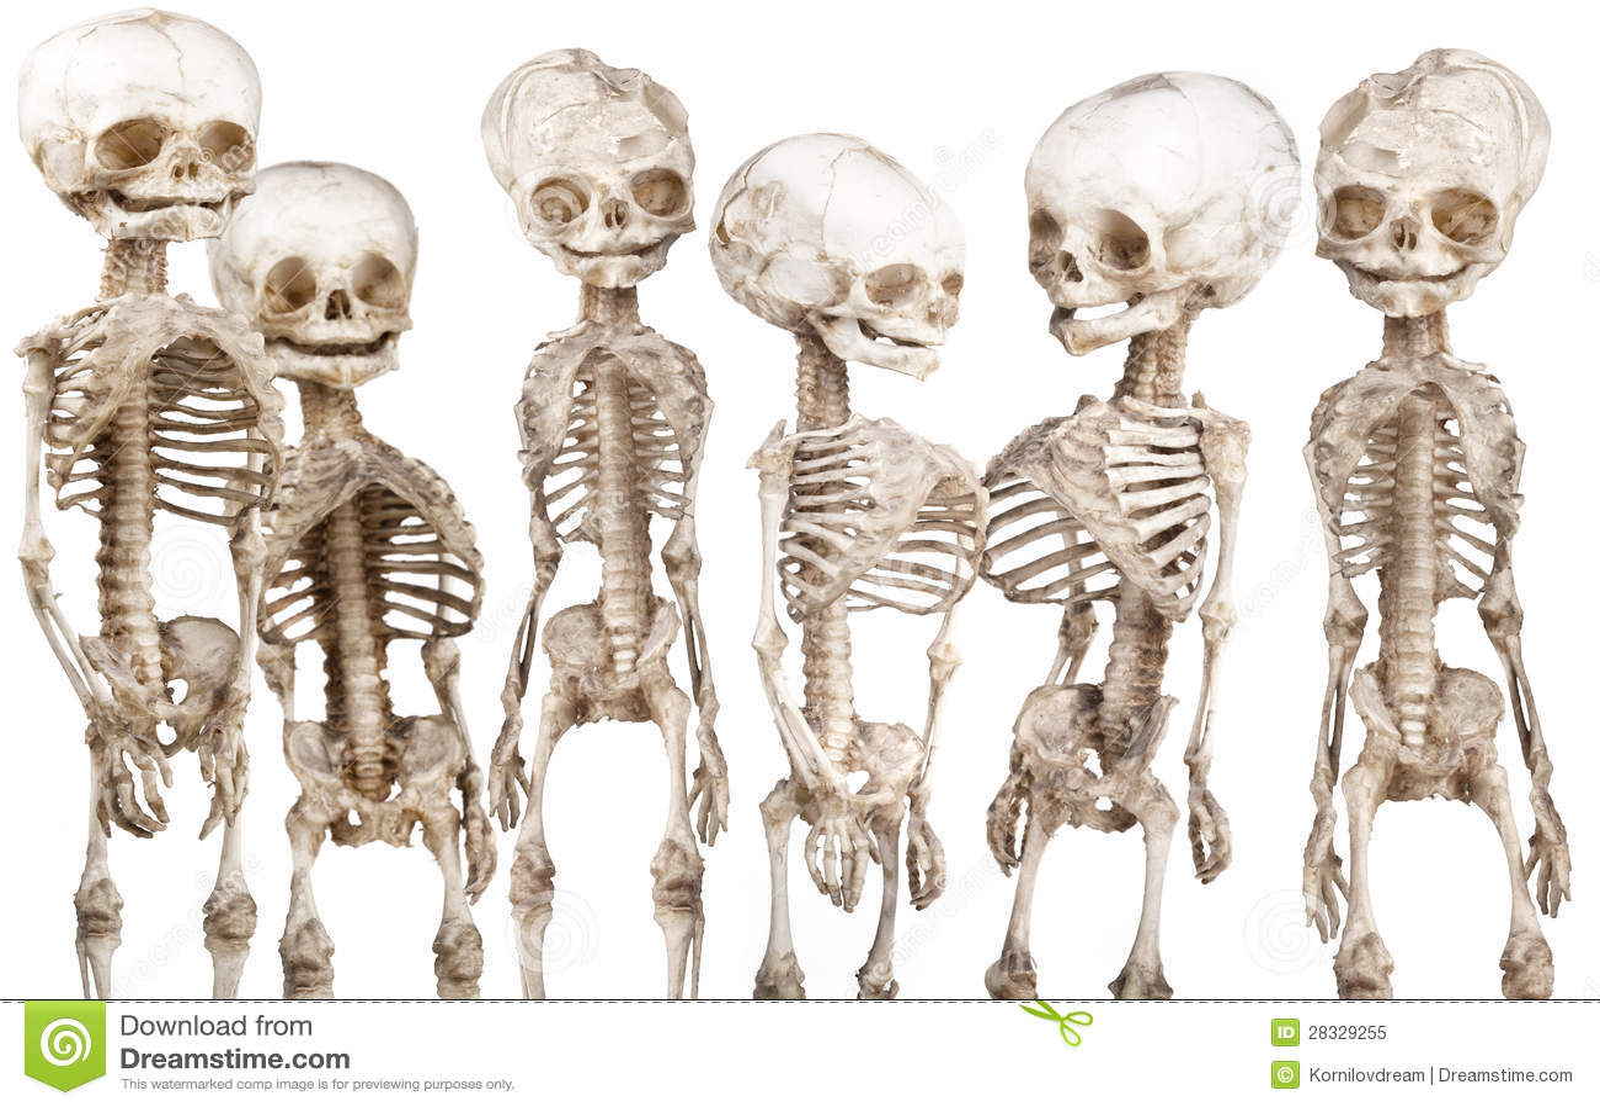 Human medical skeleton